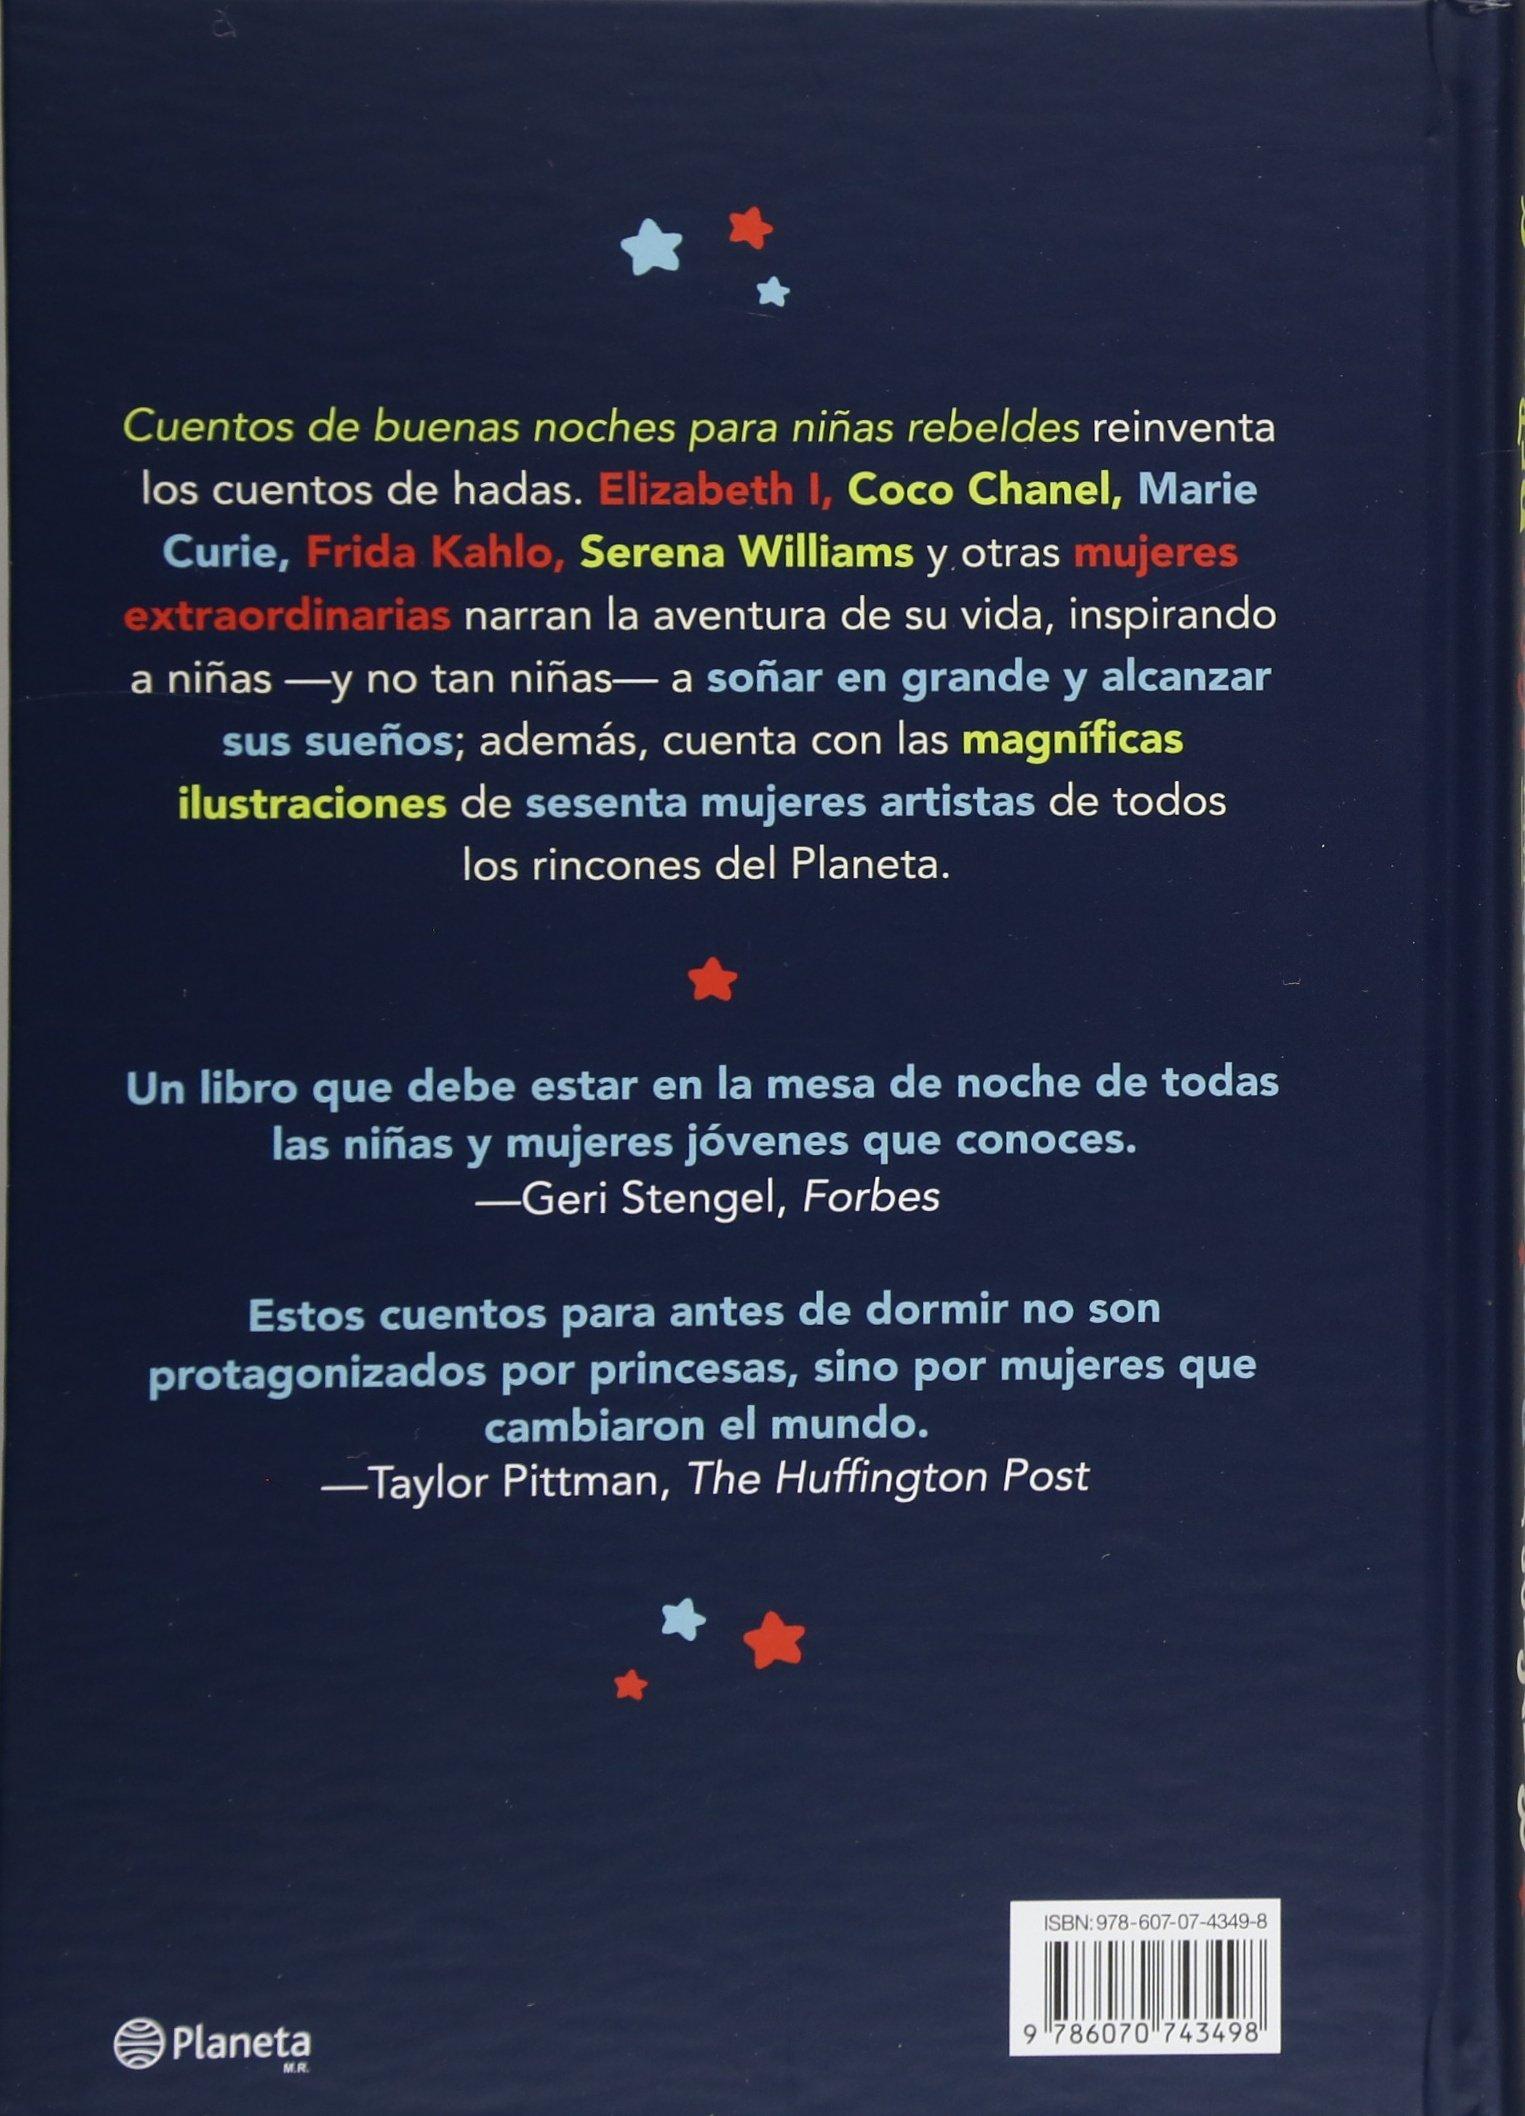 Cuentos de Buenas Noches Para Ninas Rebeldes=Good Night Stories for Rebel Girls: Amazon.es: Favilli, Elena, Cavallo, Francesca: Libros